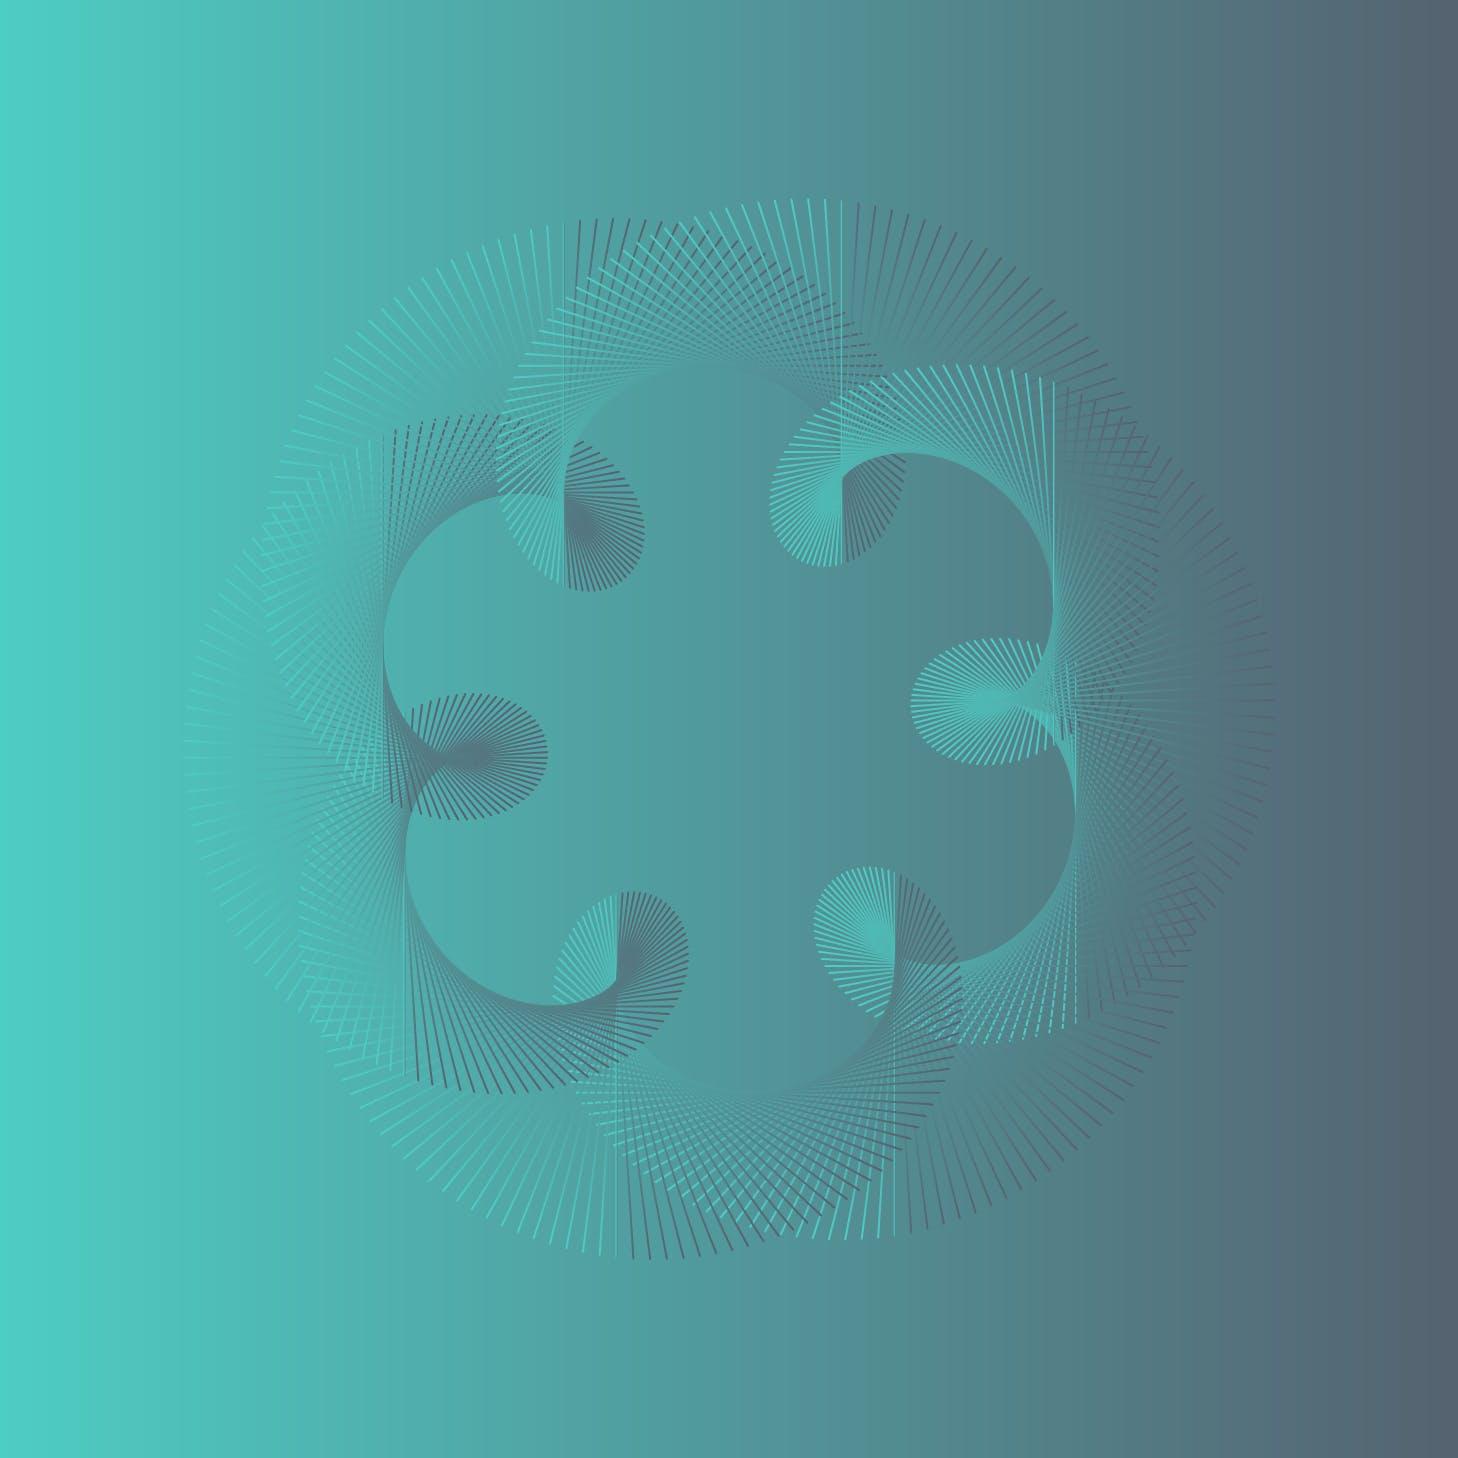 8款螺旋状线条网格矢量图案素材 Geometric Spiral Collection插图(1)